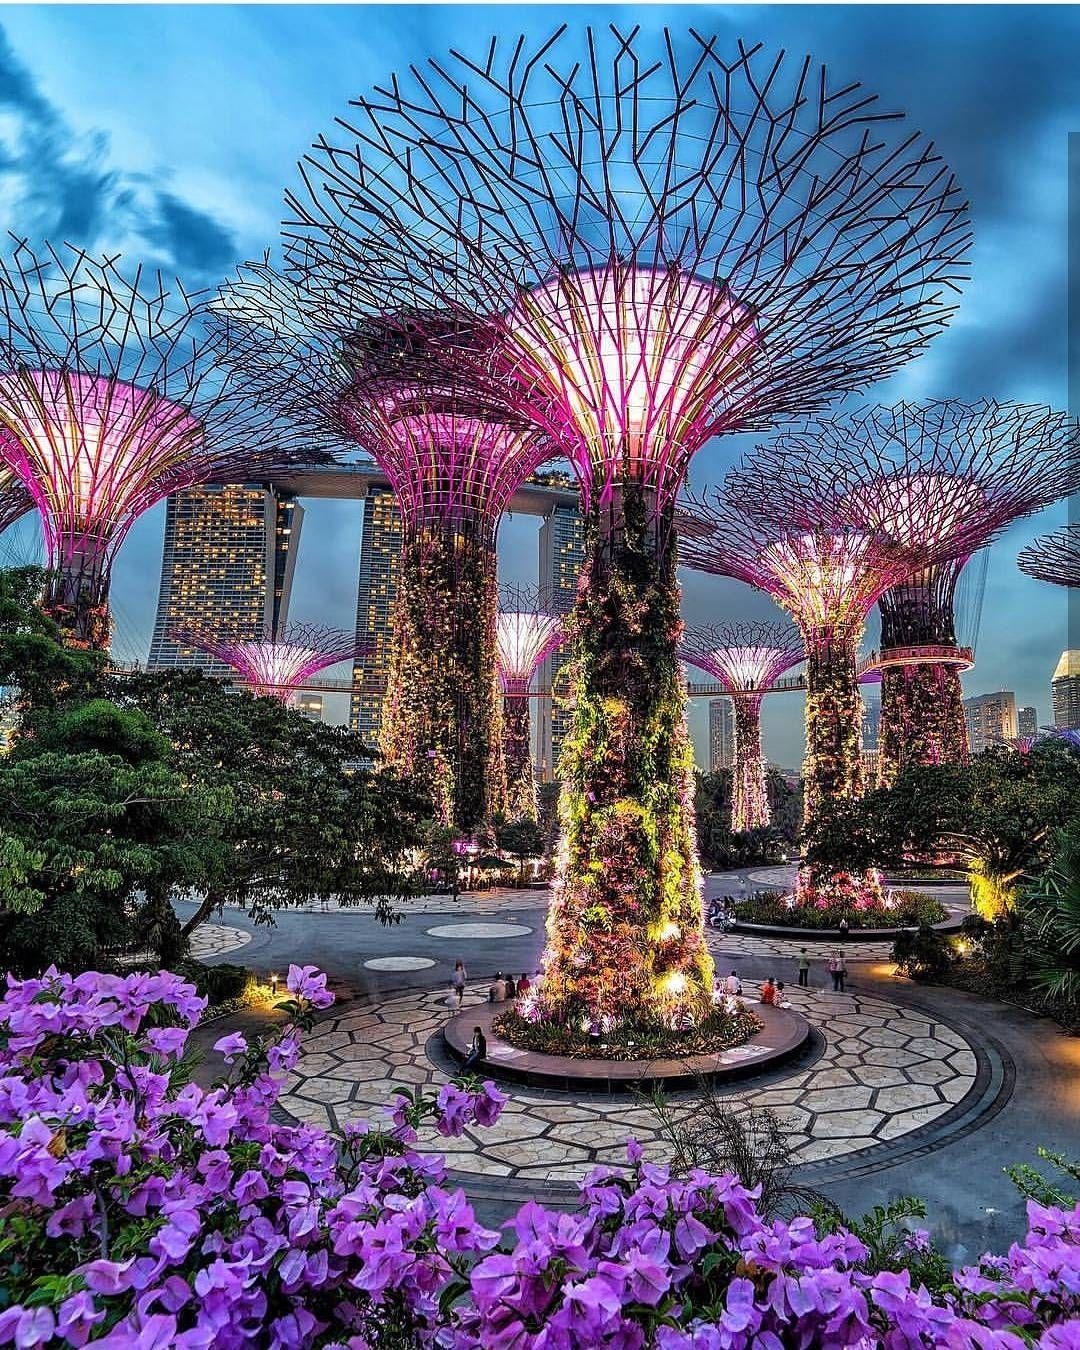 Pin By Kathrin Lange On Reisen Singapore Photos Singapore Garden Singapore Travel